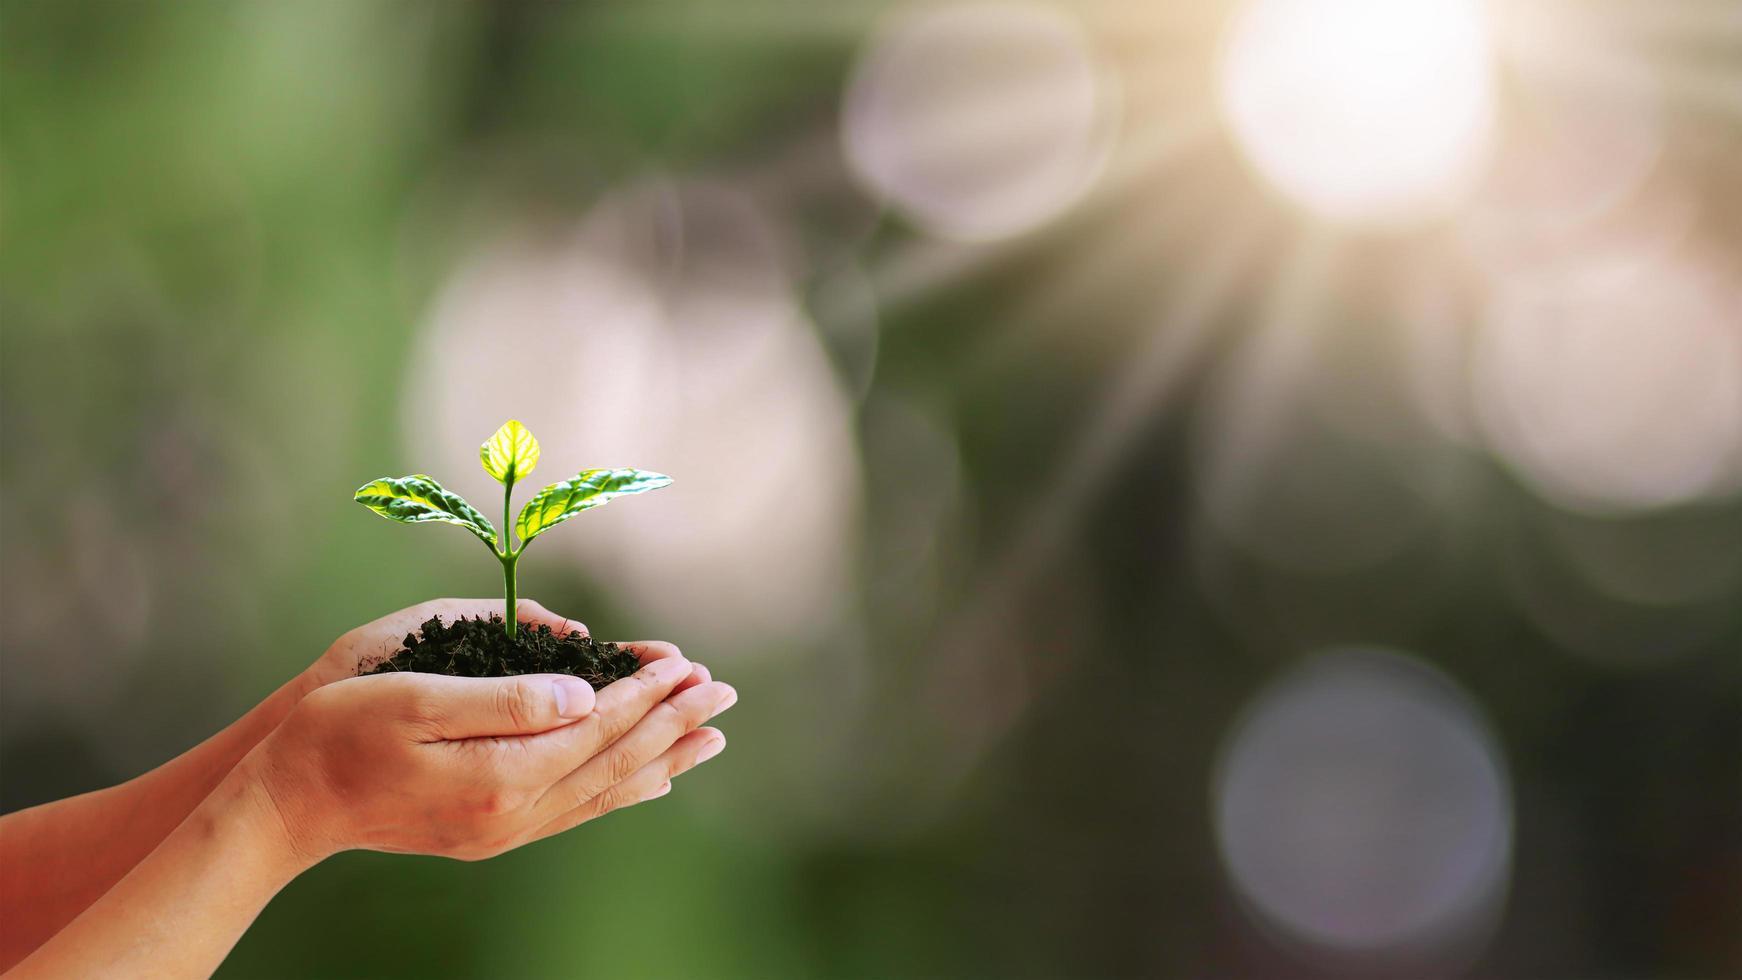 Arbre poussant sur des mains humaines avec fond naturel vert flou, un concept de croissance des plantes et de protection de l'environnement photo